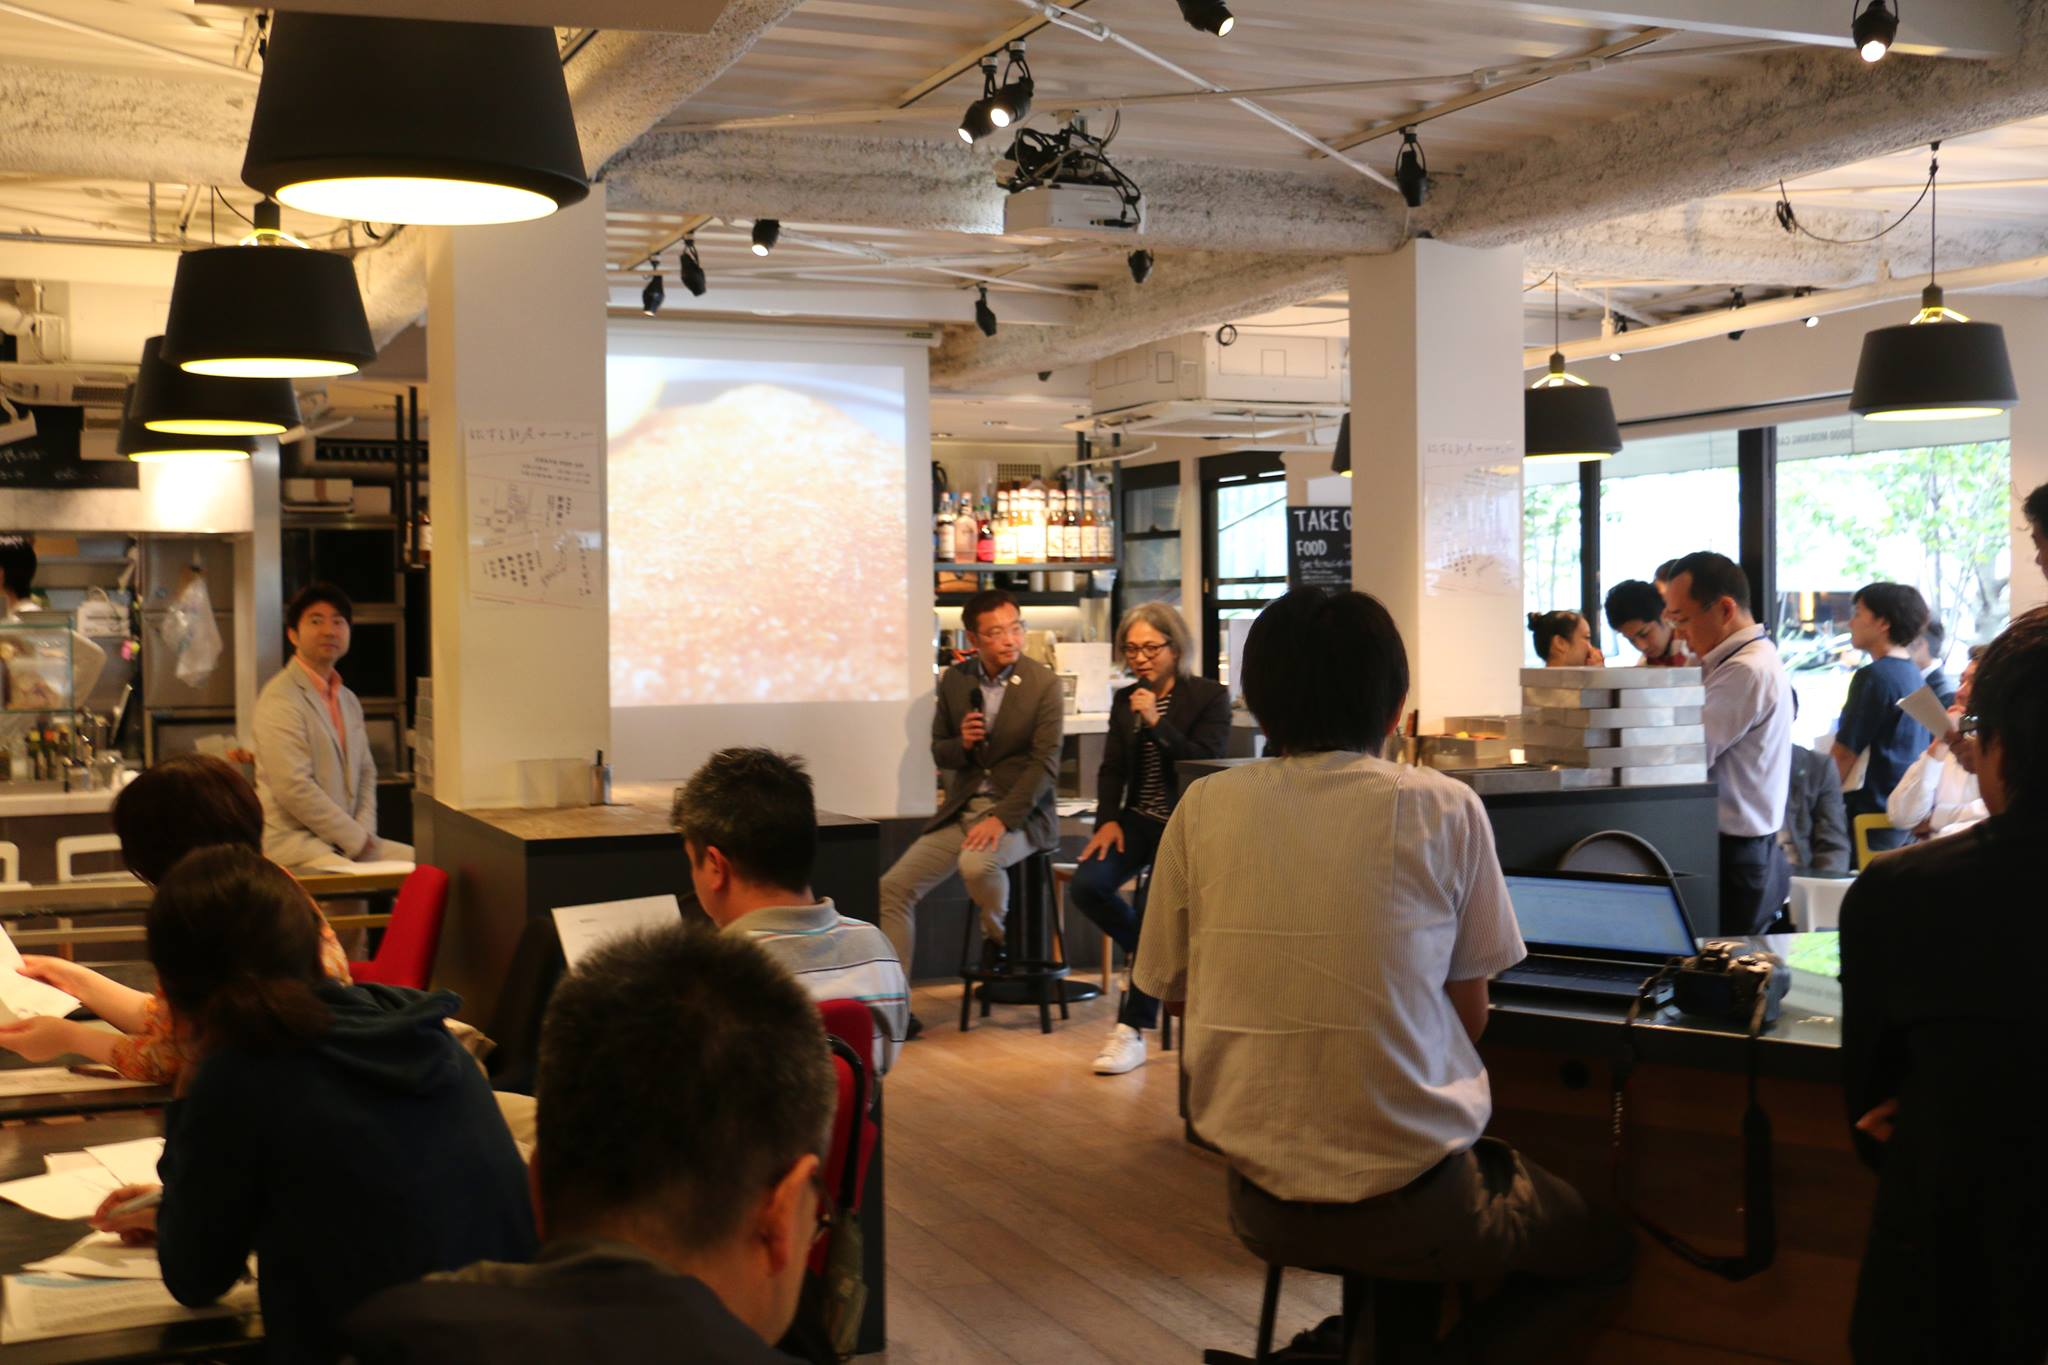 22日15時半からは、グッドモーニングカフェ&グリル虎ノ門において、『2020年東京オリンピック・パラリンピックを活用した地域活性化推進首長連合』の國定会長らによる地方創生に向けた無料のトークセッションも開催。